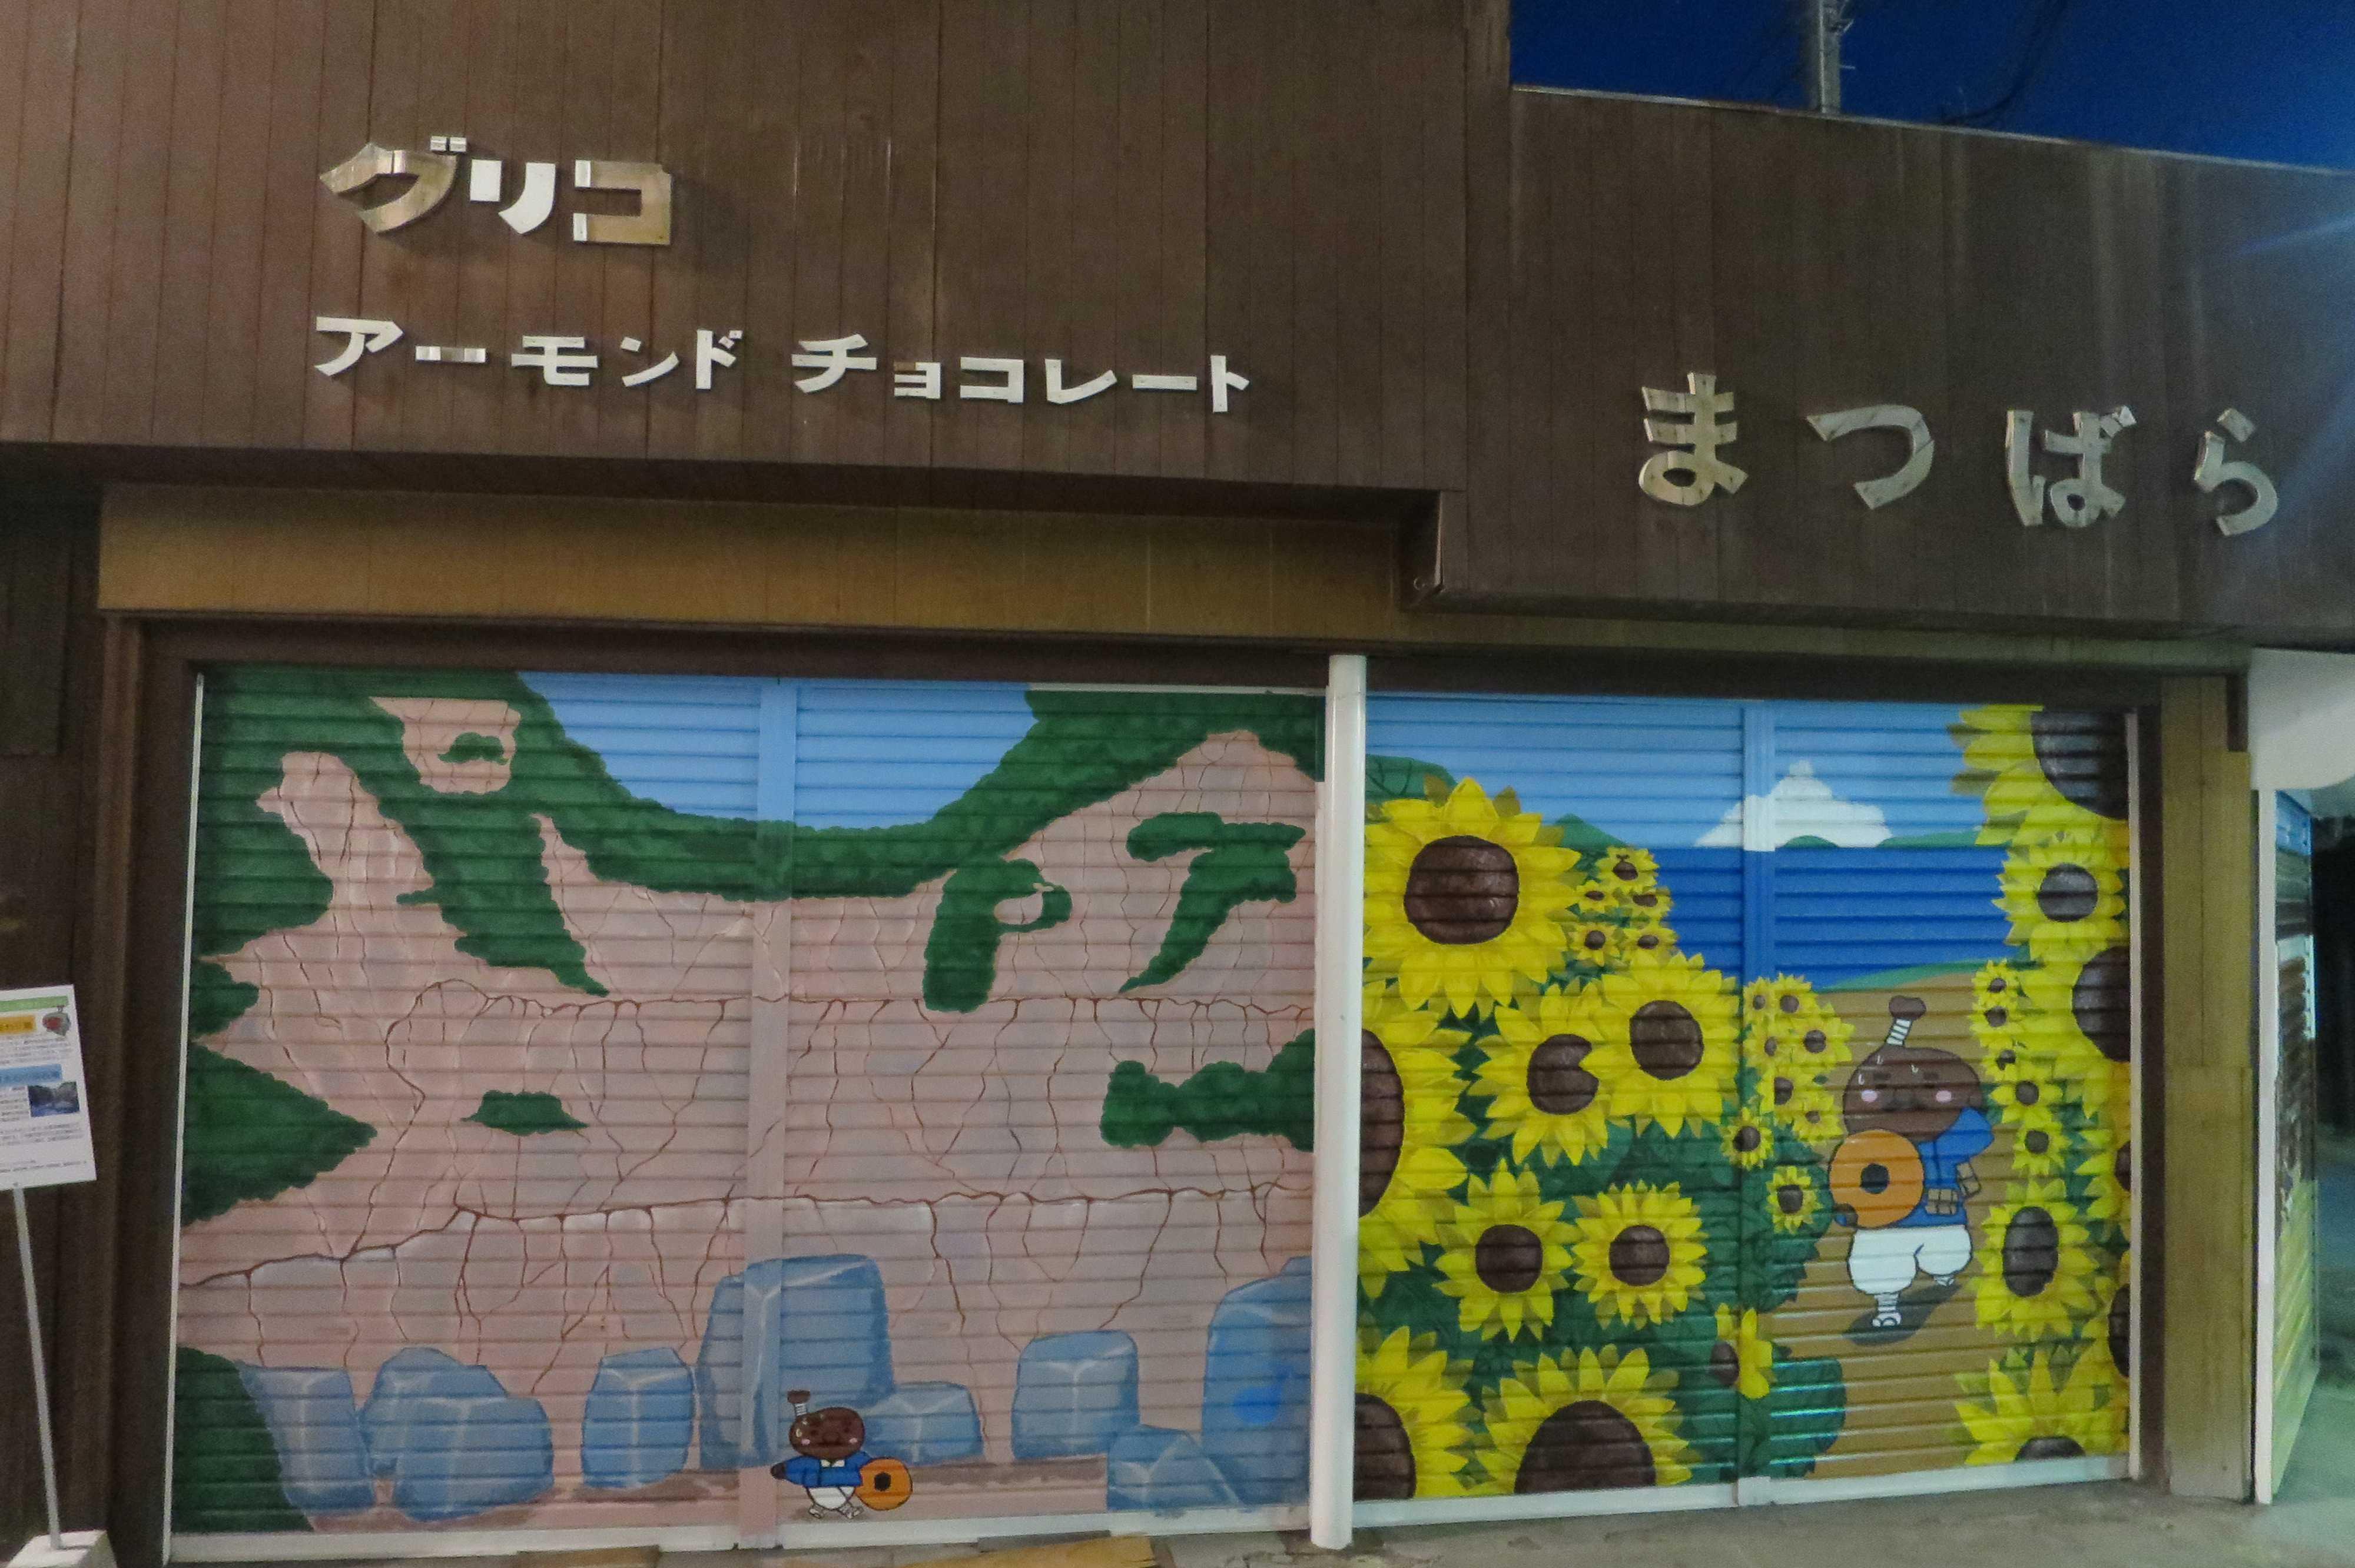 「手島のひまわり畑」、「広島 青木石の採石場」